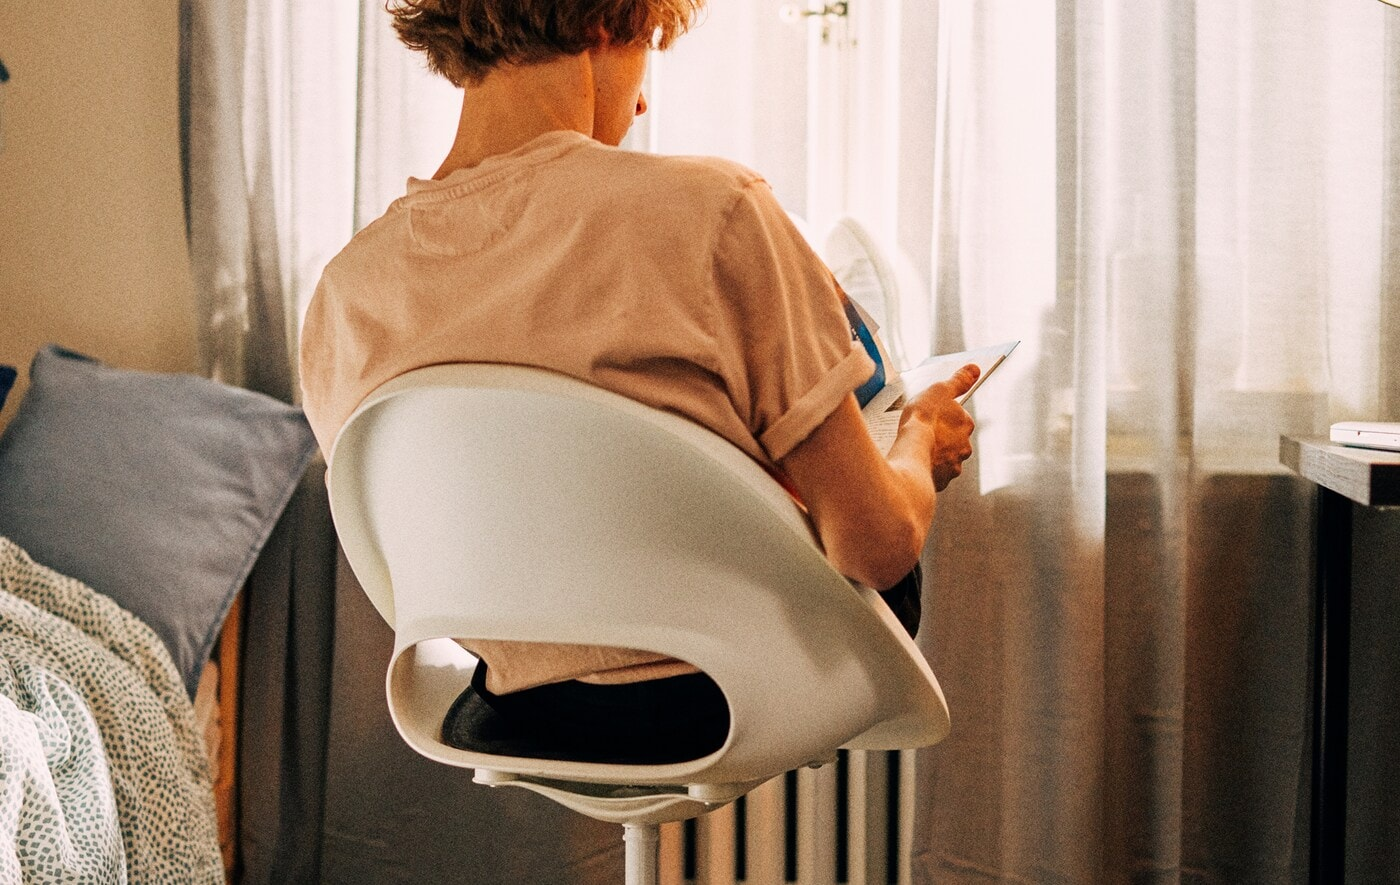 Un étudiant est assis dans une chaise pivotante face à la fenêtre, ses pieds reposant sur le radiateur devant lui pendant qu'il étudie.